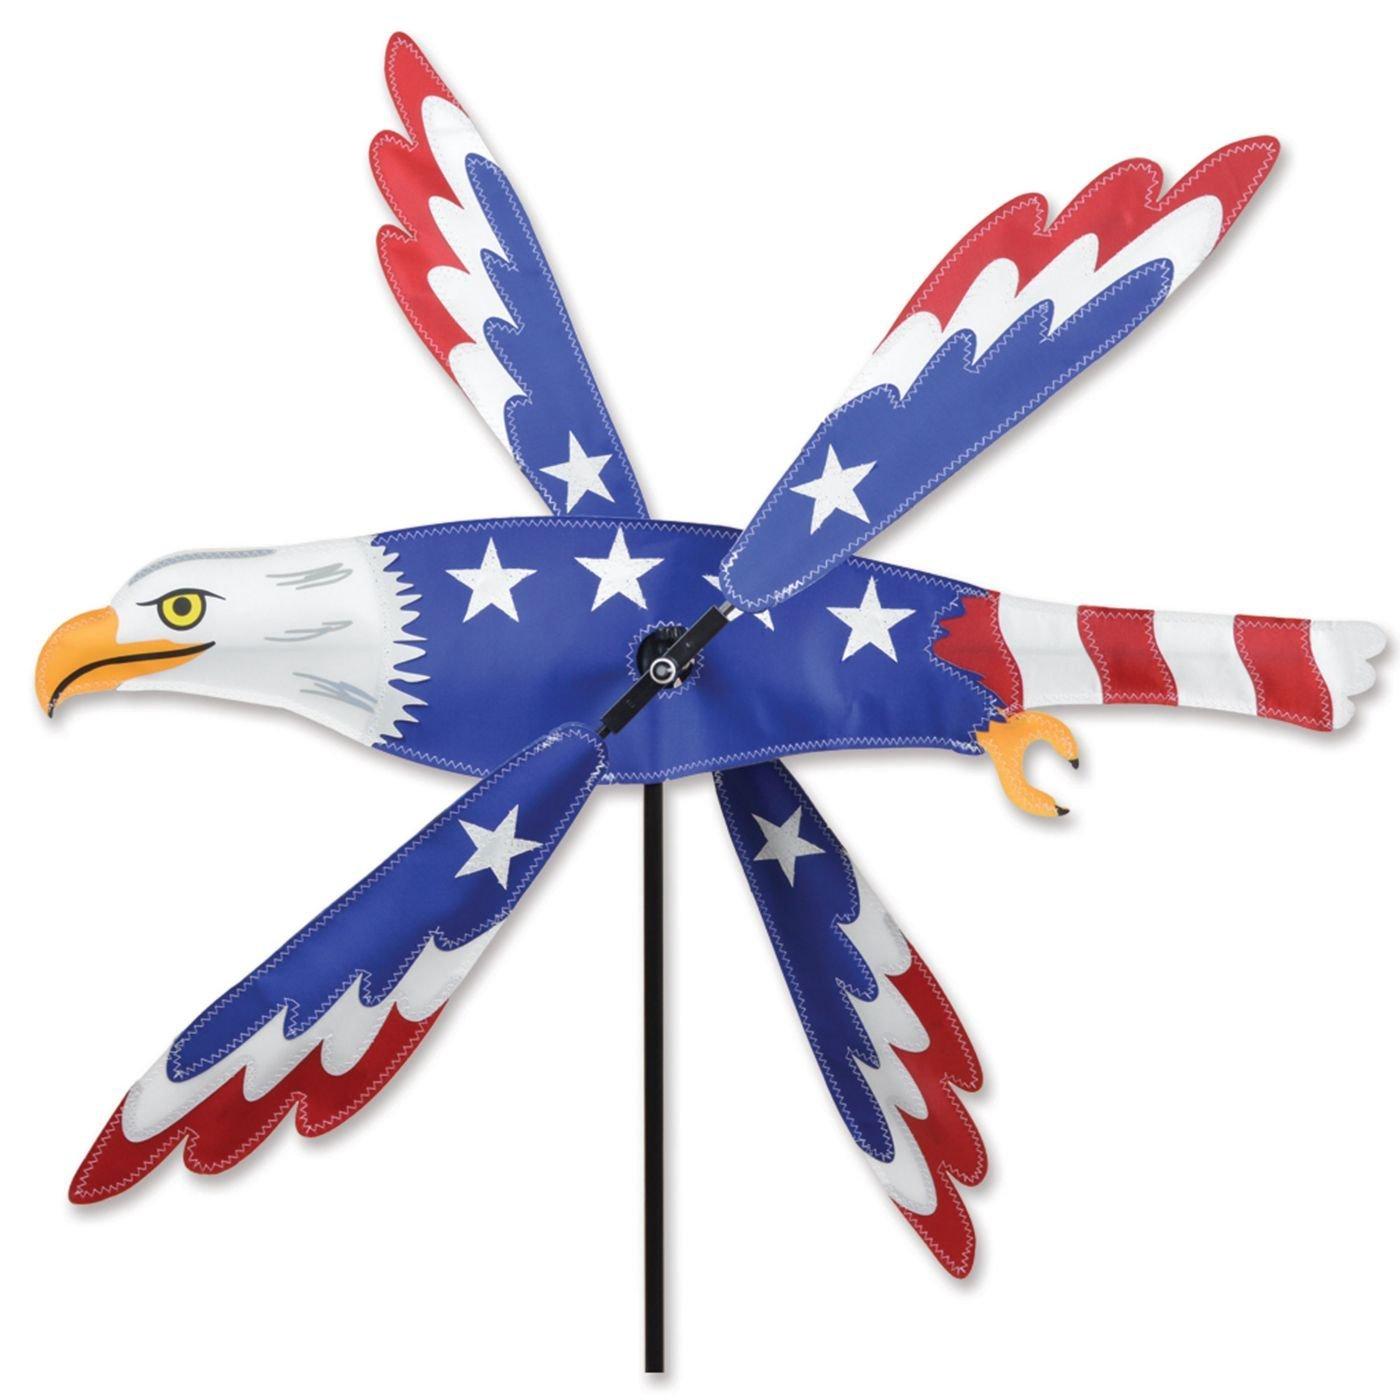 opciones a bajo precio Whirligig Spinner Spinner Spinner - 25 In. Patriotic Eagle Spinner by Premier Kites  Los mejores precios y los estilos más frescos.